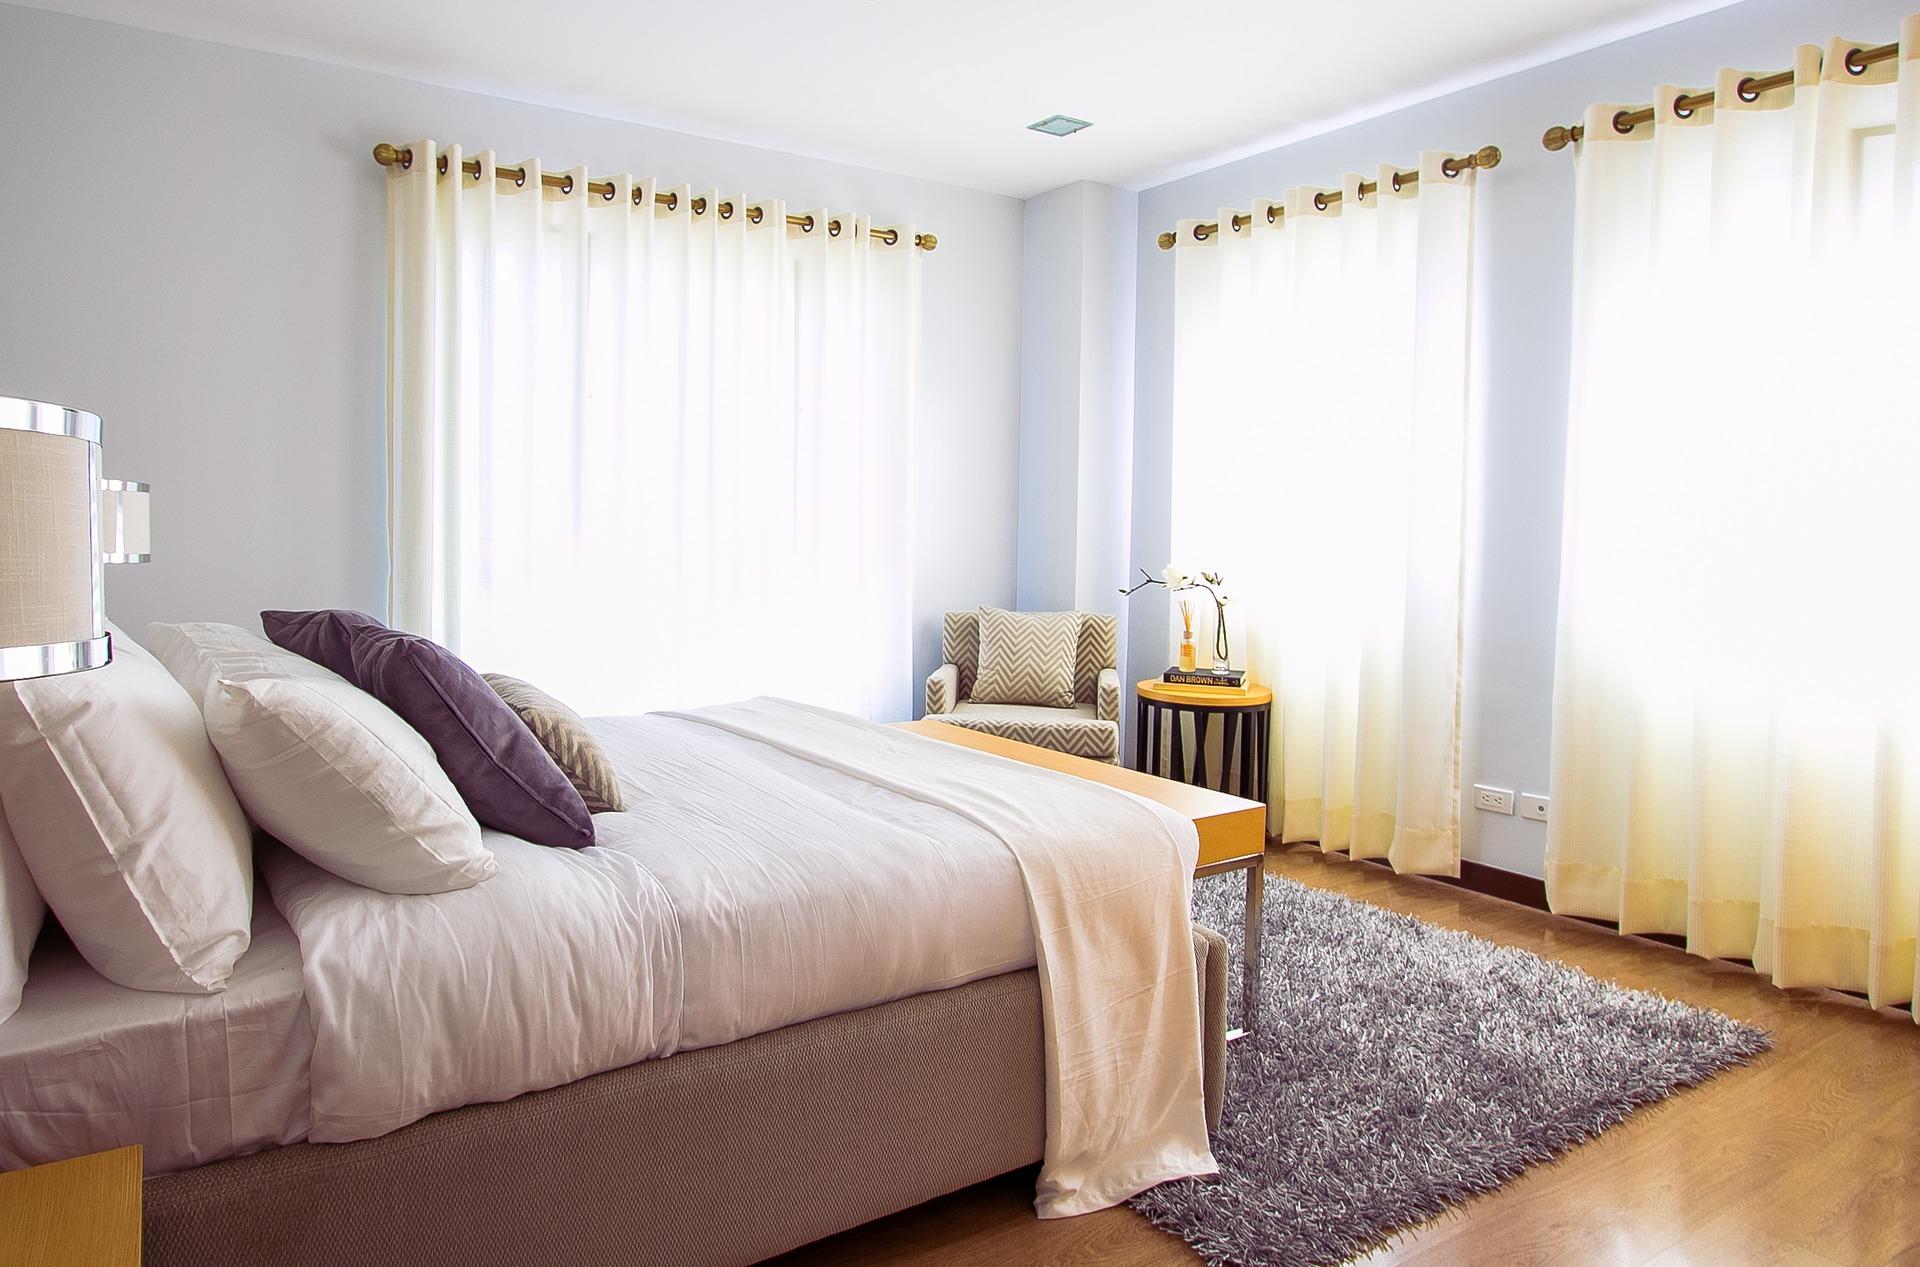 Soveværelsets indretning betyder meget for nattesøvnen